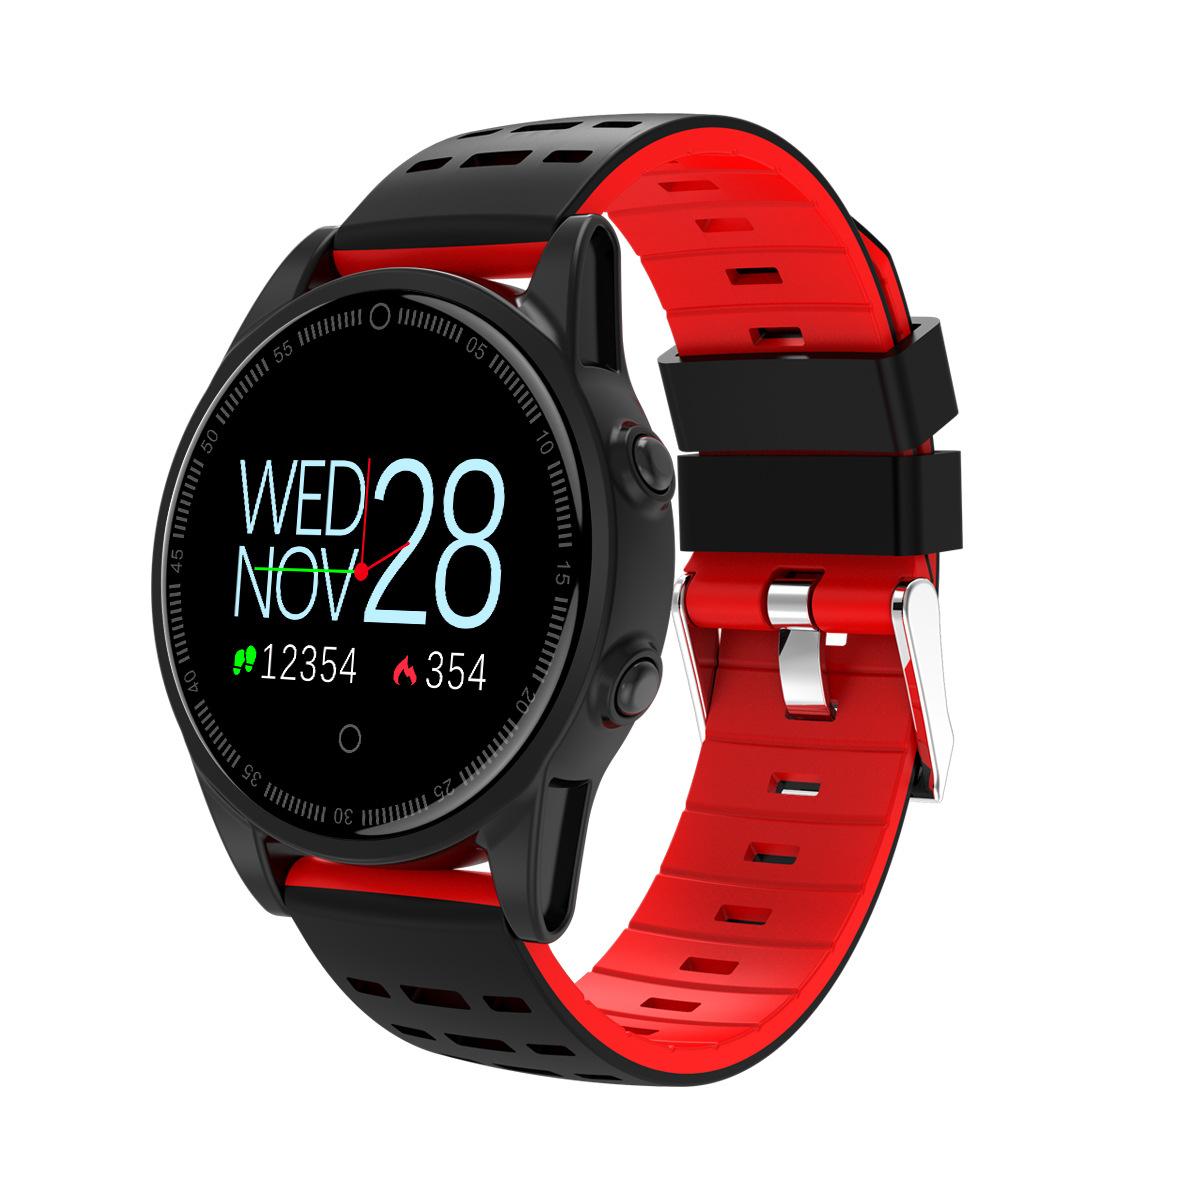 Aidis Đồng hồ thông minh Aidis mới R13 vòng đeo tay thông minh nhịp tim theo dõi huyết áp oxy đồng h